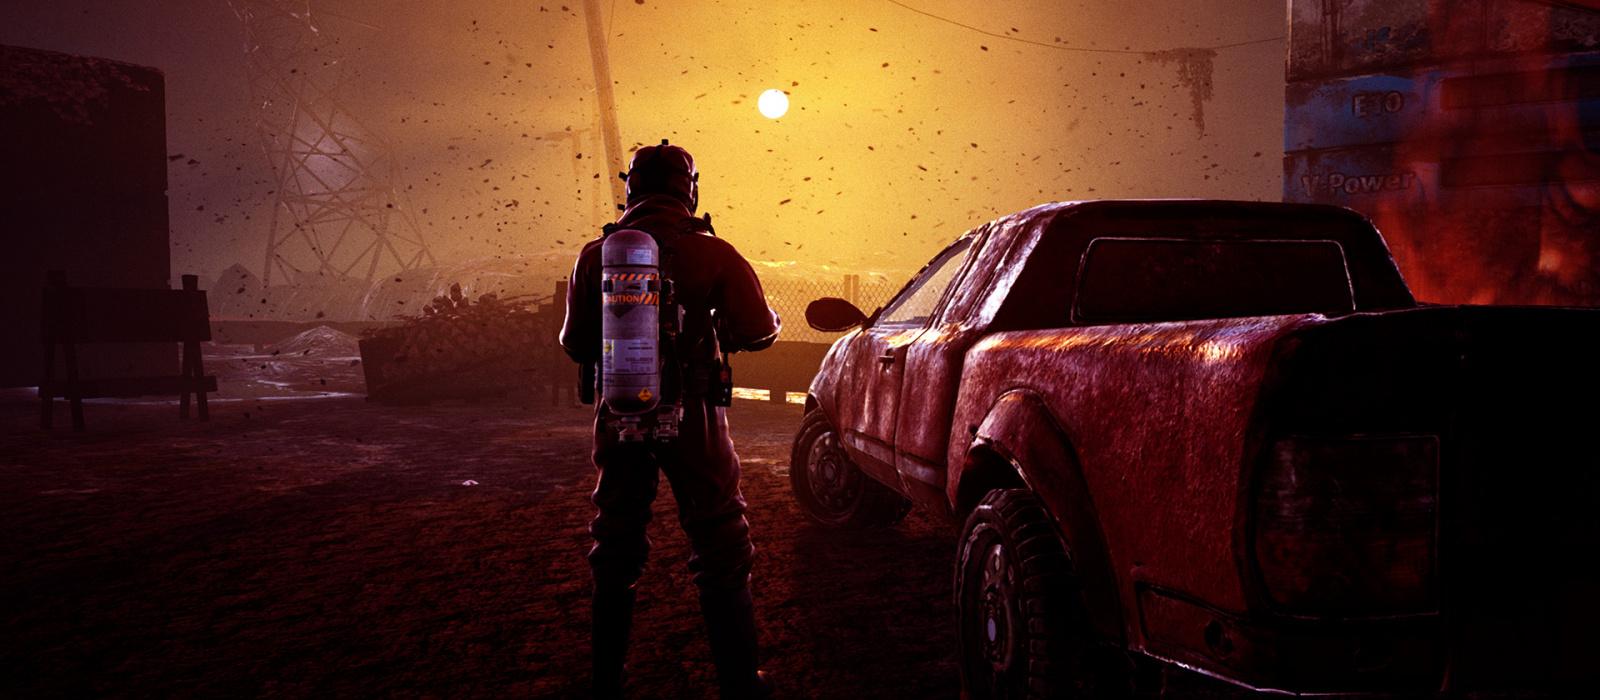 Ein atmosphärischer postapokalyptischer Shooter mit Schießereien und Fahrzeugen wird auf Steam veröffentlicht